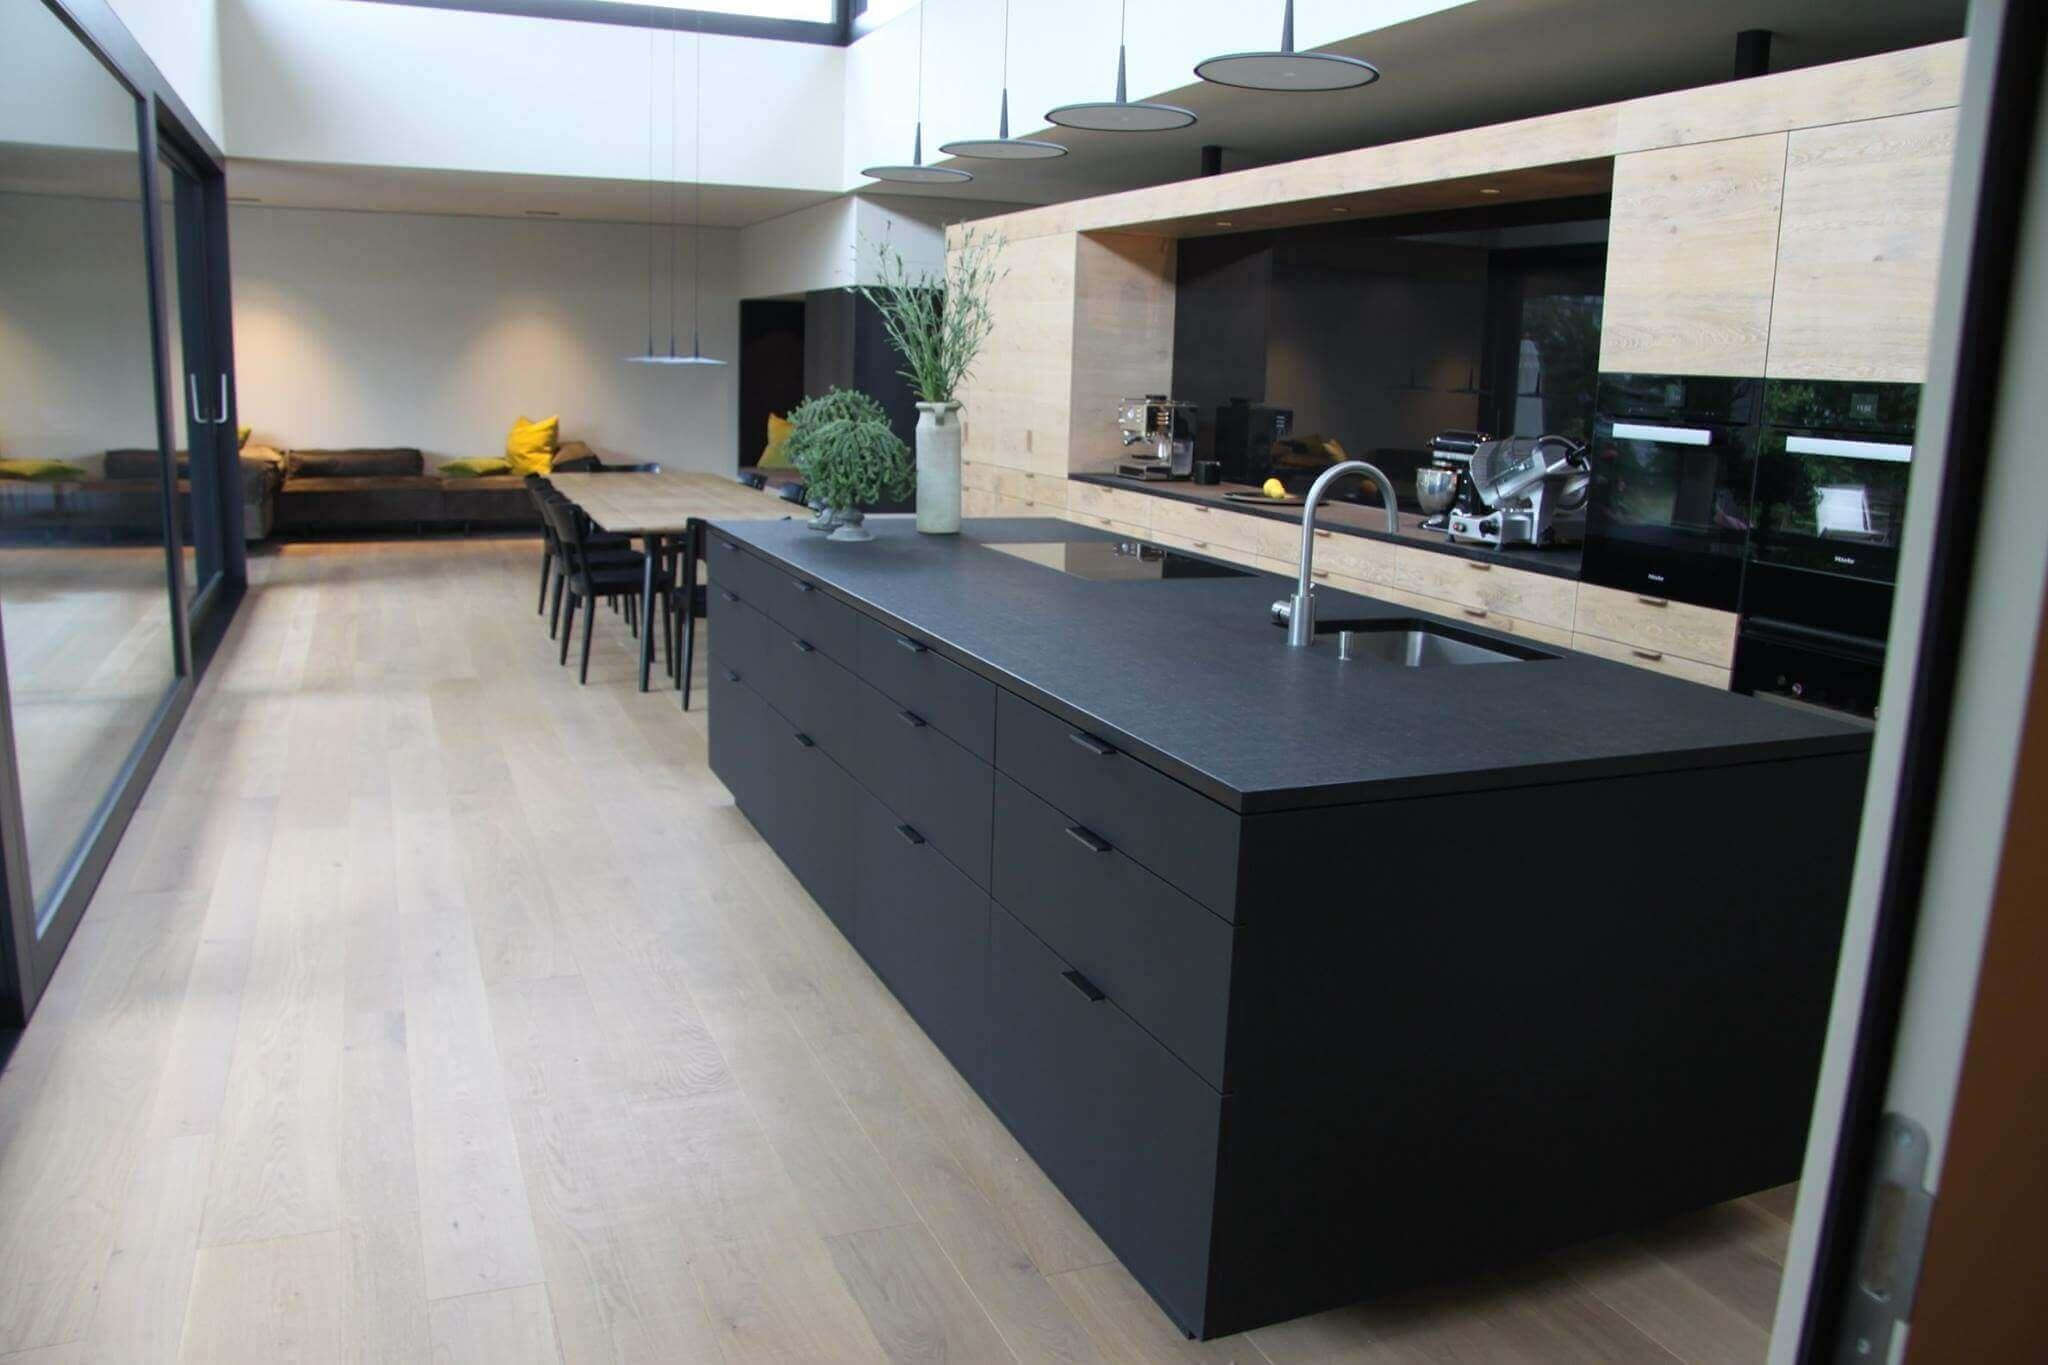 Tischlerküche Mit Schwarzer Kücheninsel Und Fronten Aus Holz